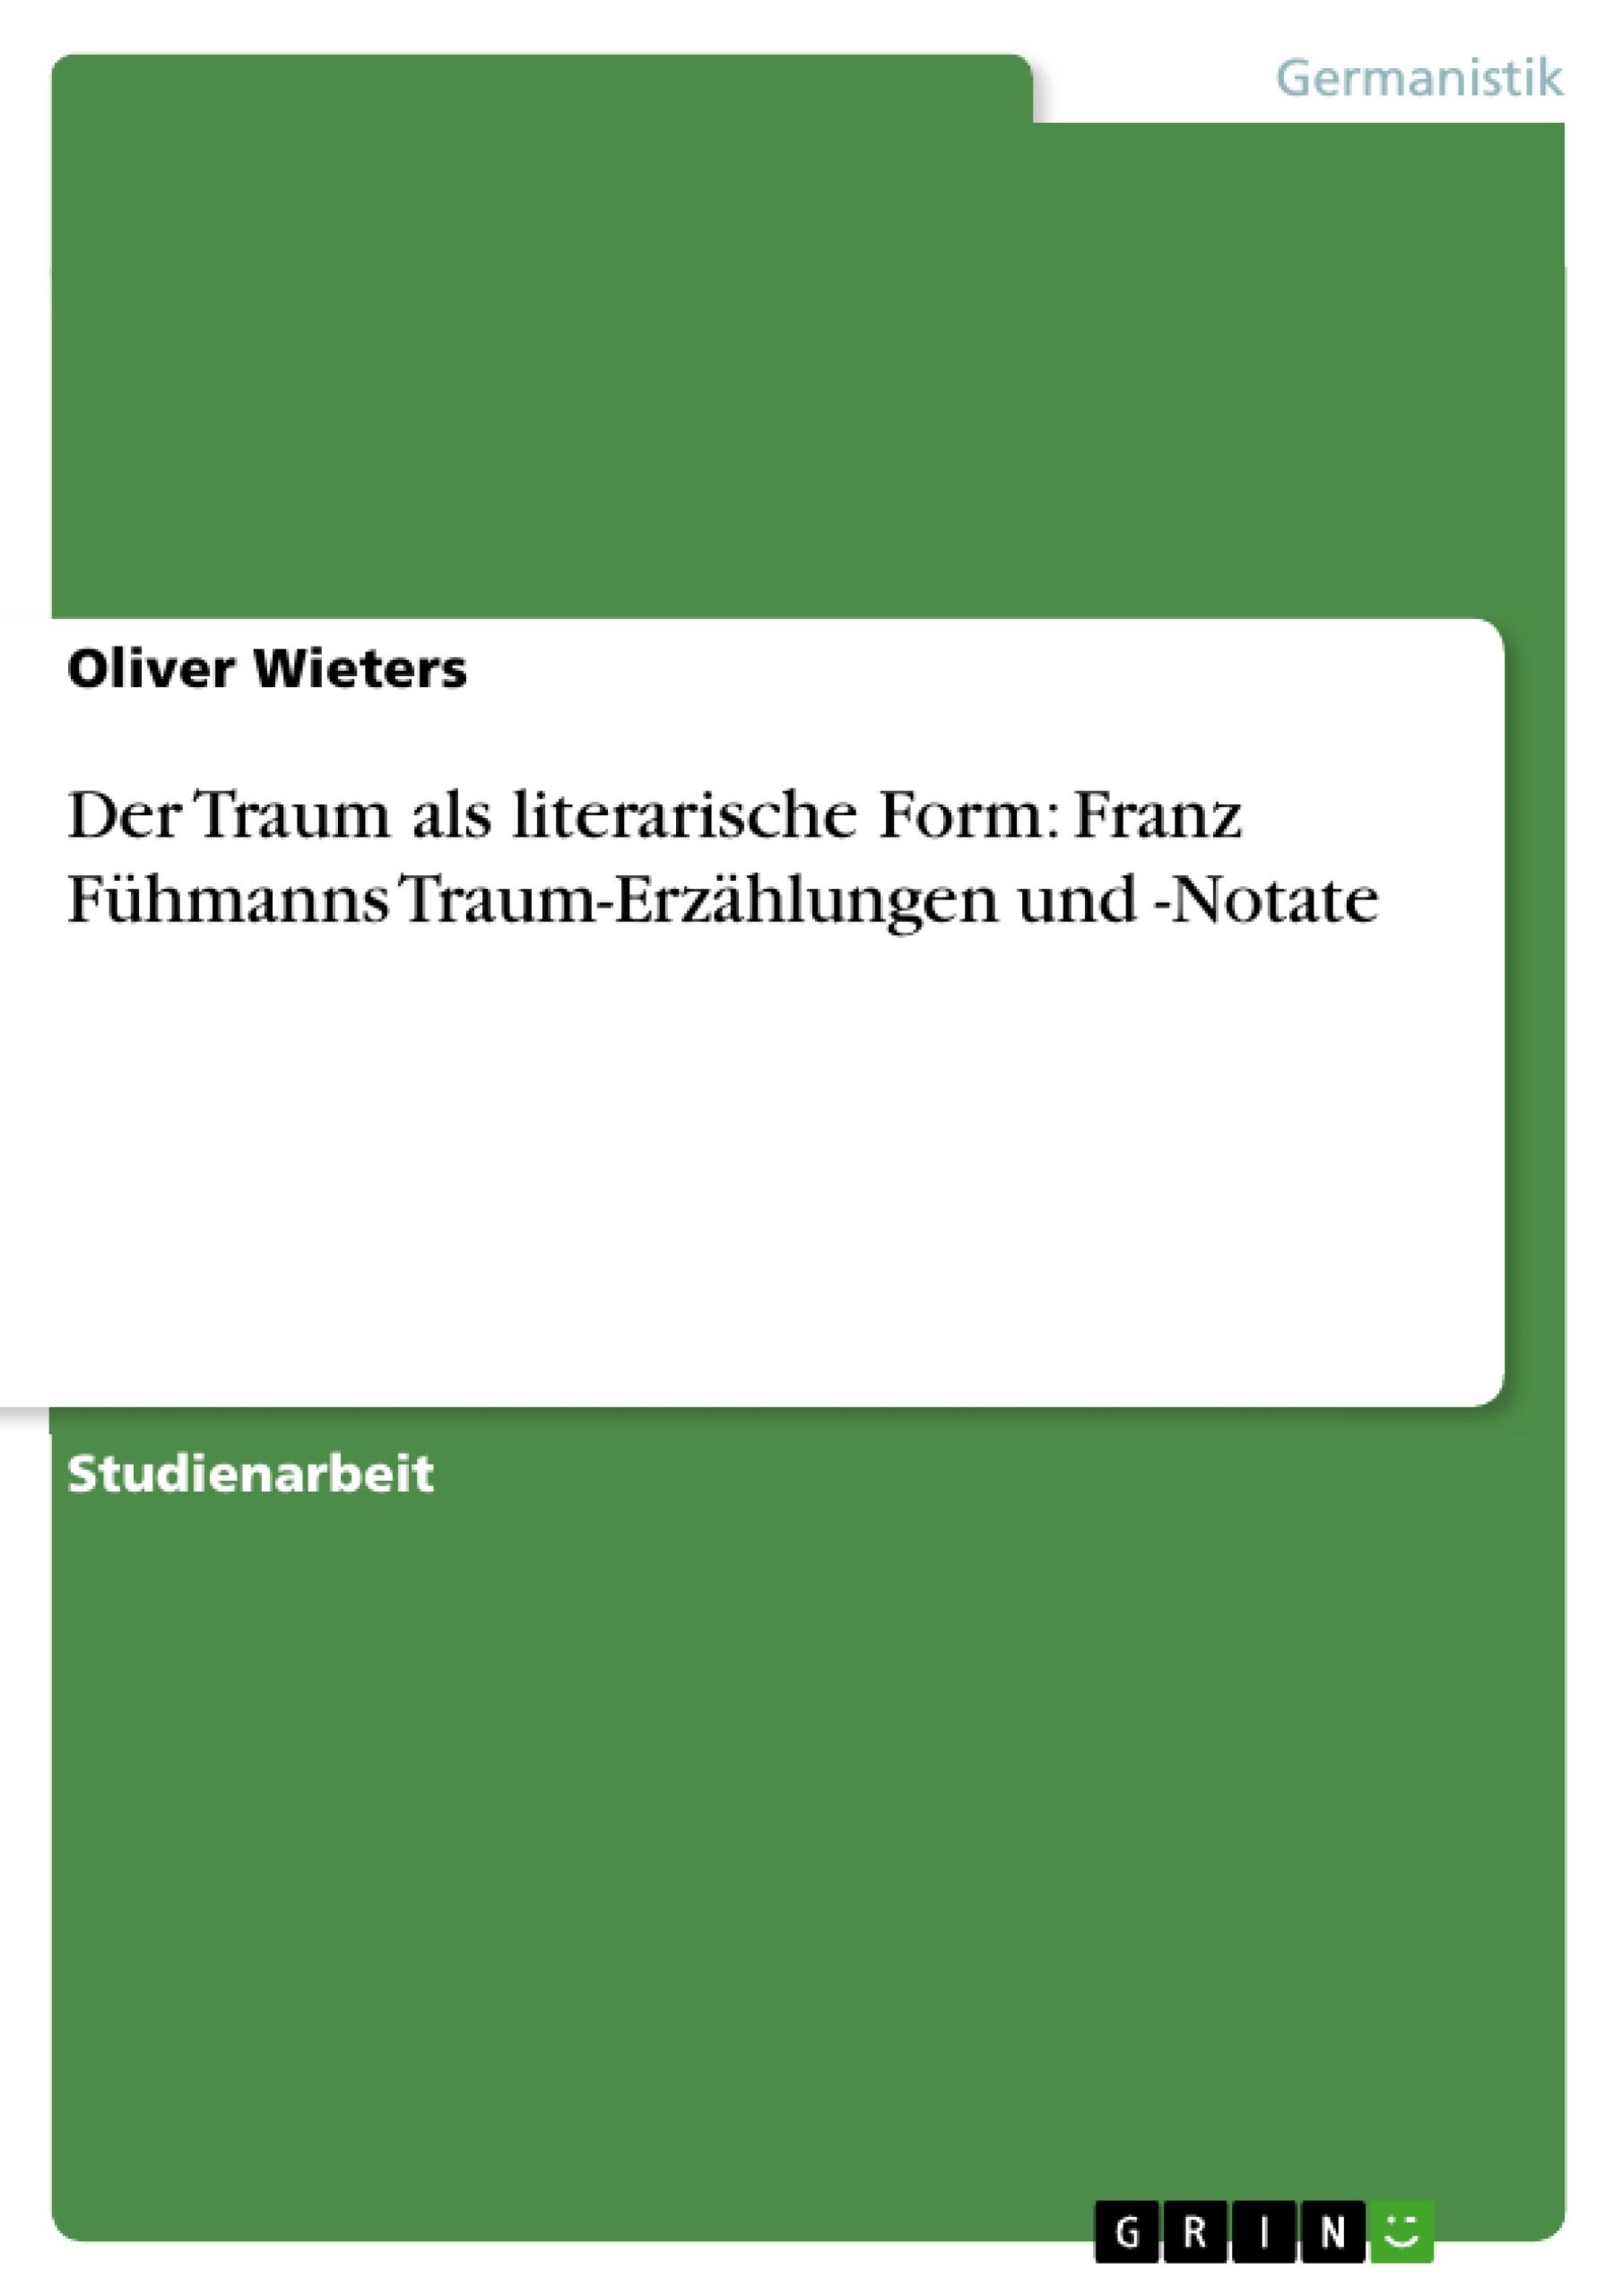 Titel: Der Traum als literarische Form: Franz Fühmanns Traum-Erzählungen und -Notate